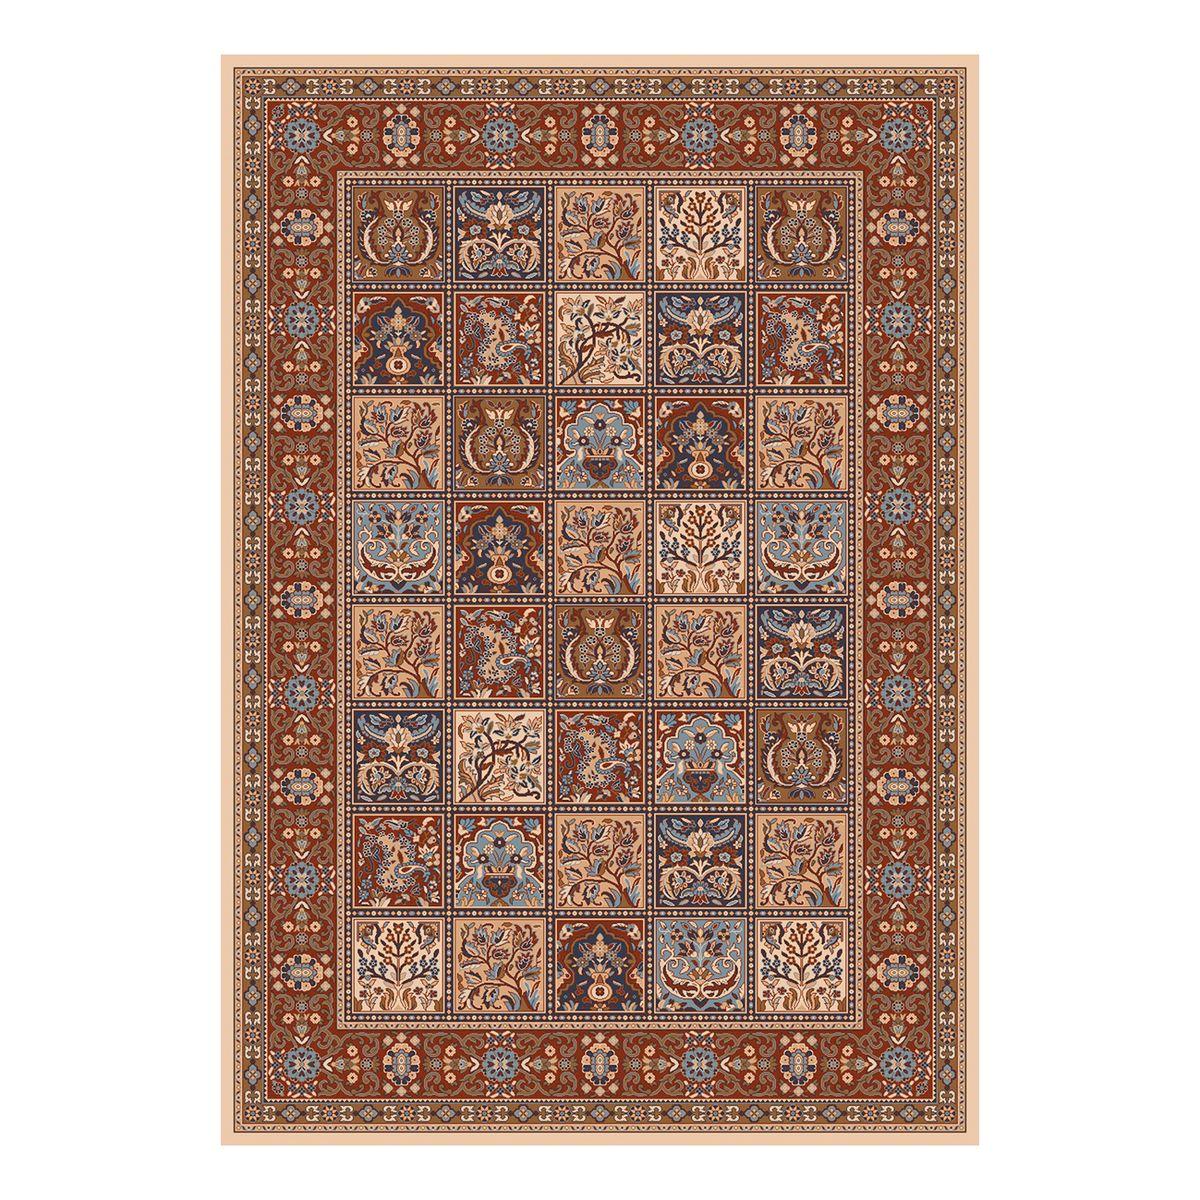 Tappeti per sala da pranzo alicemall tappeto per la - Tappeti per sala da pranzo ...